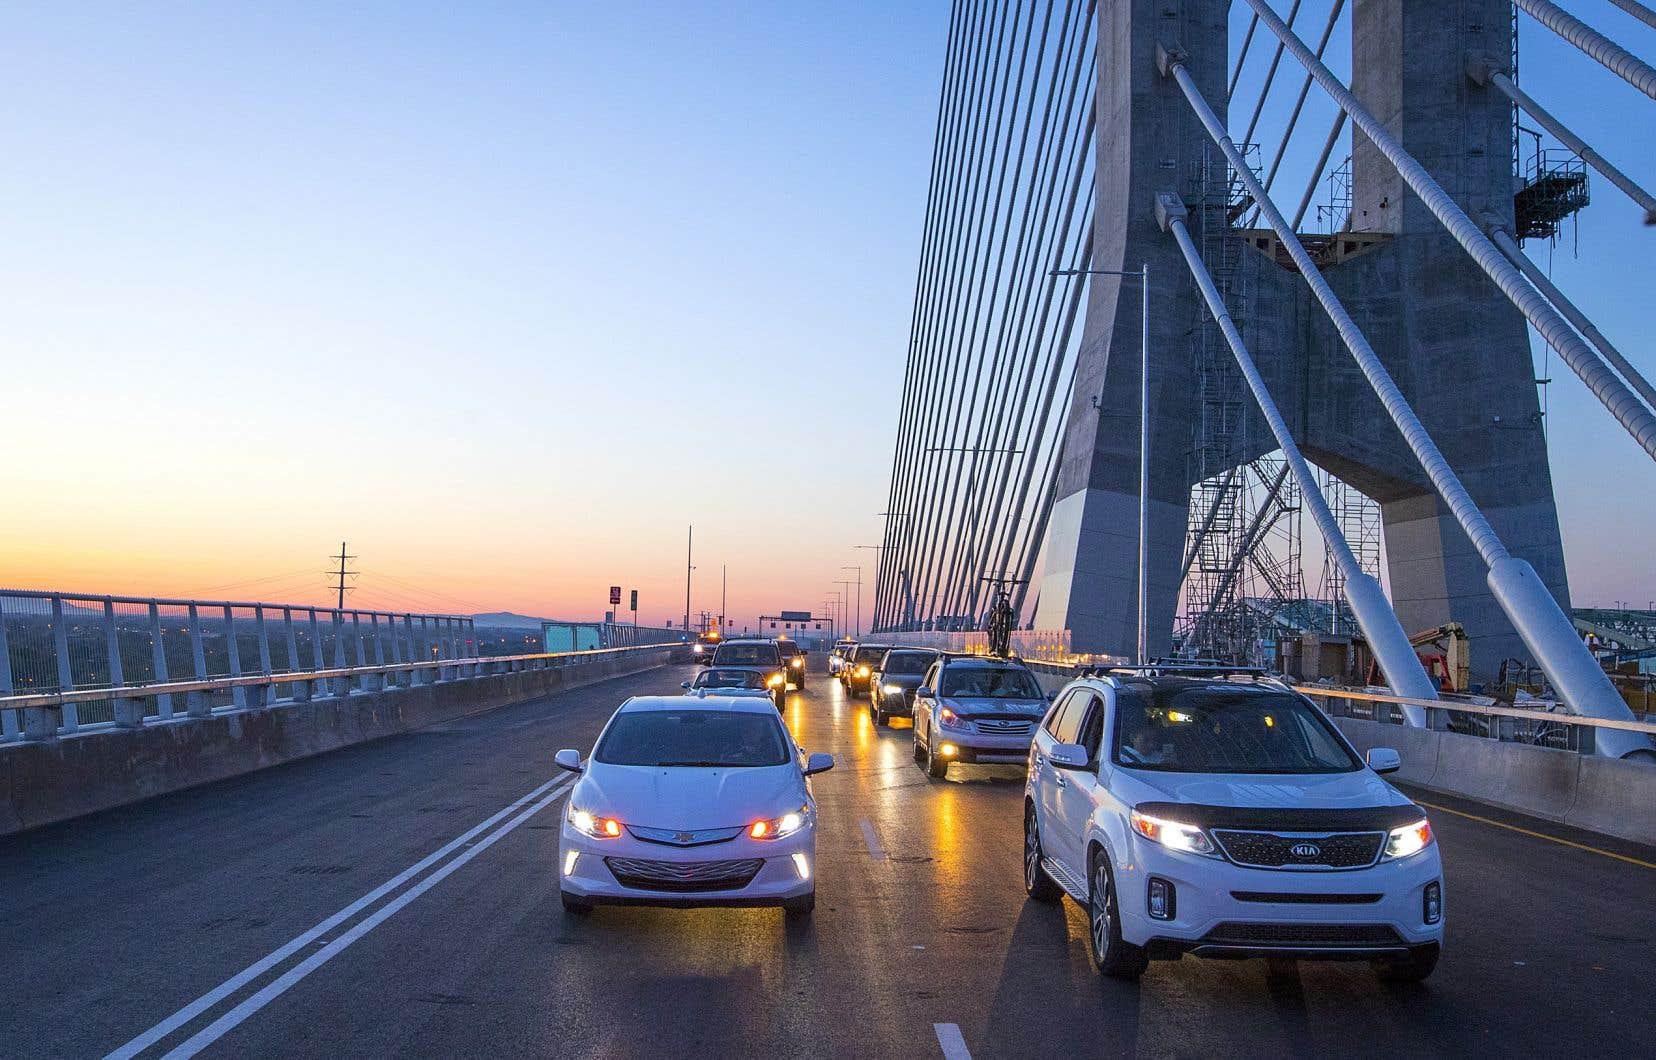 Le pont Samuel-De Champlain a accueilli ses premiers usagers en direction nord lundi sur le coup de 5h. Le corridor sud ouvrira lundi prochain.